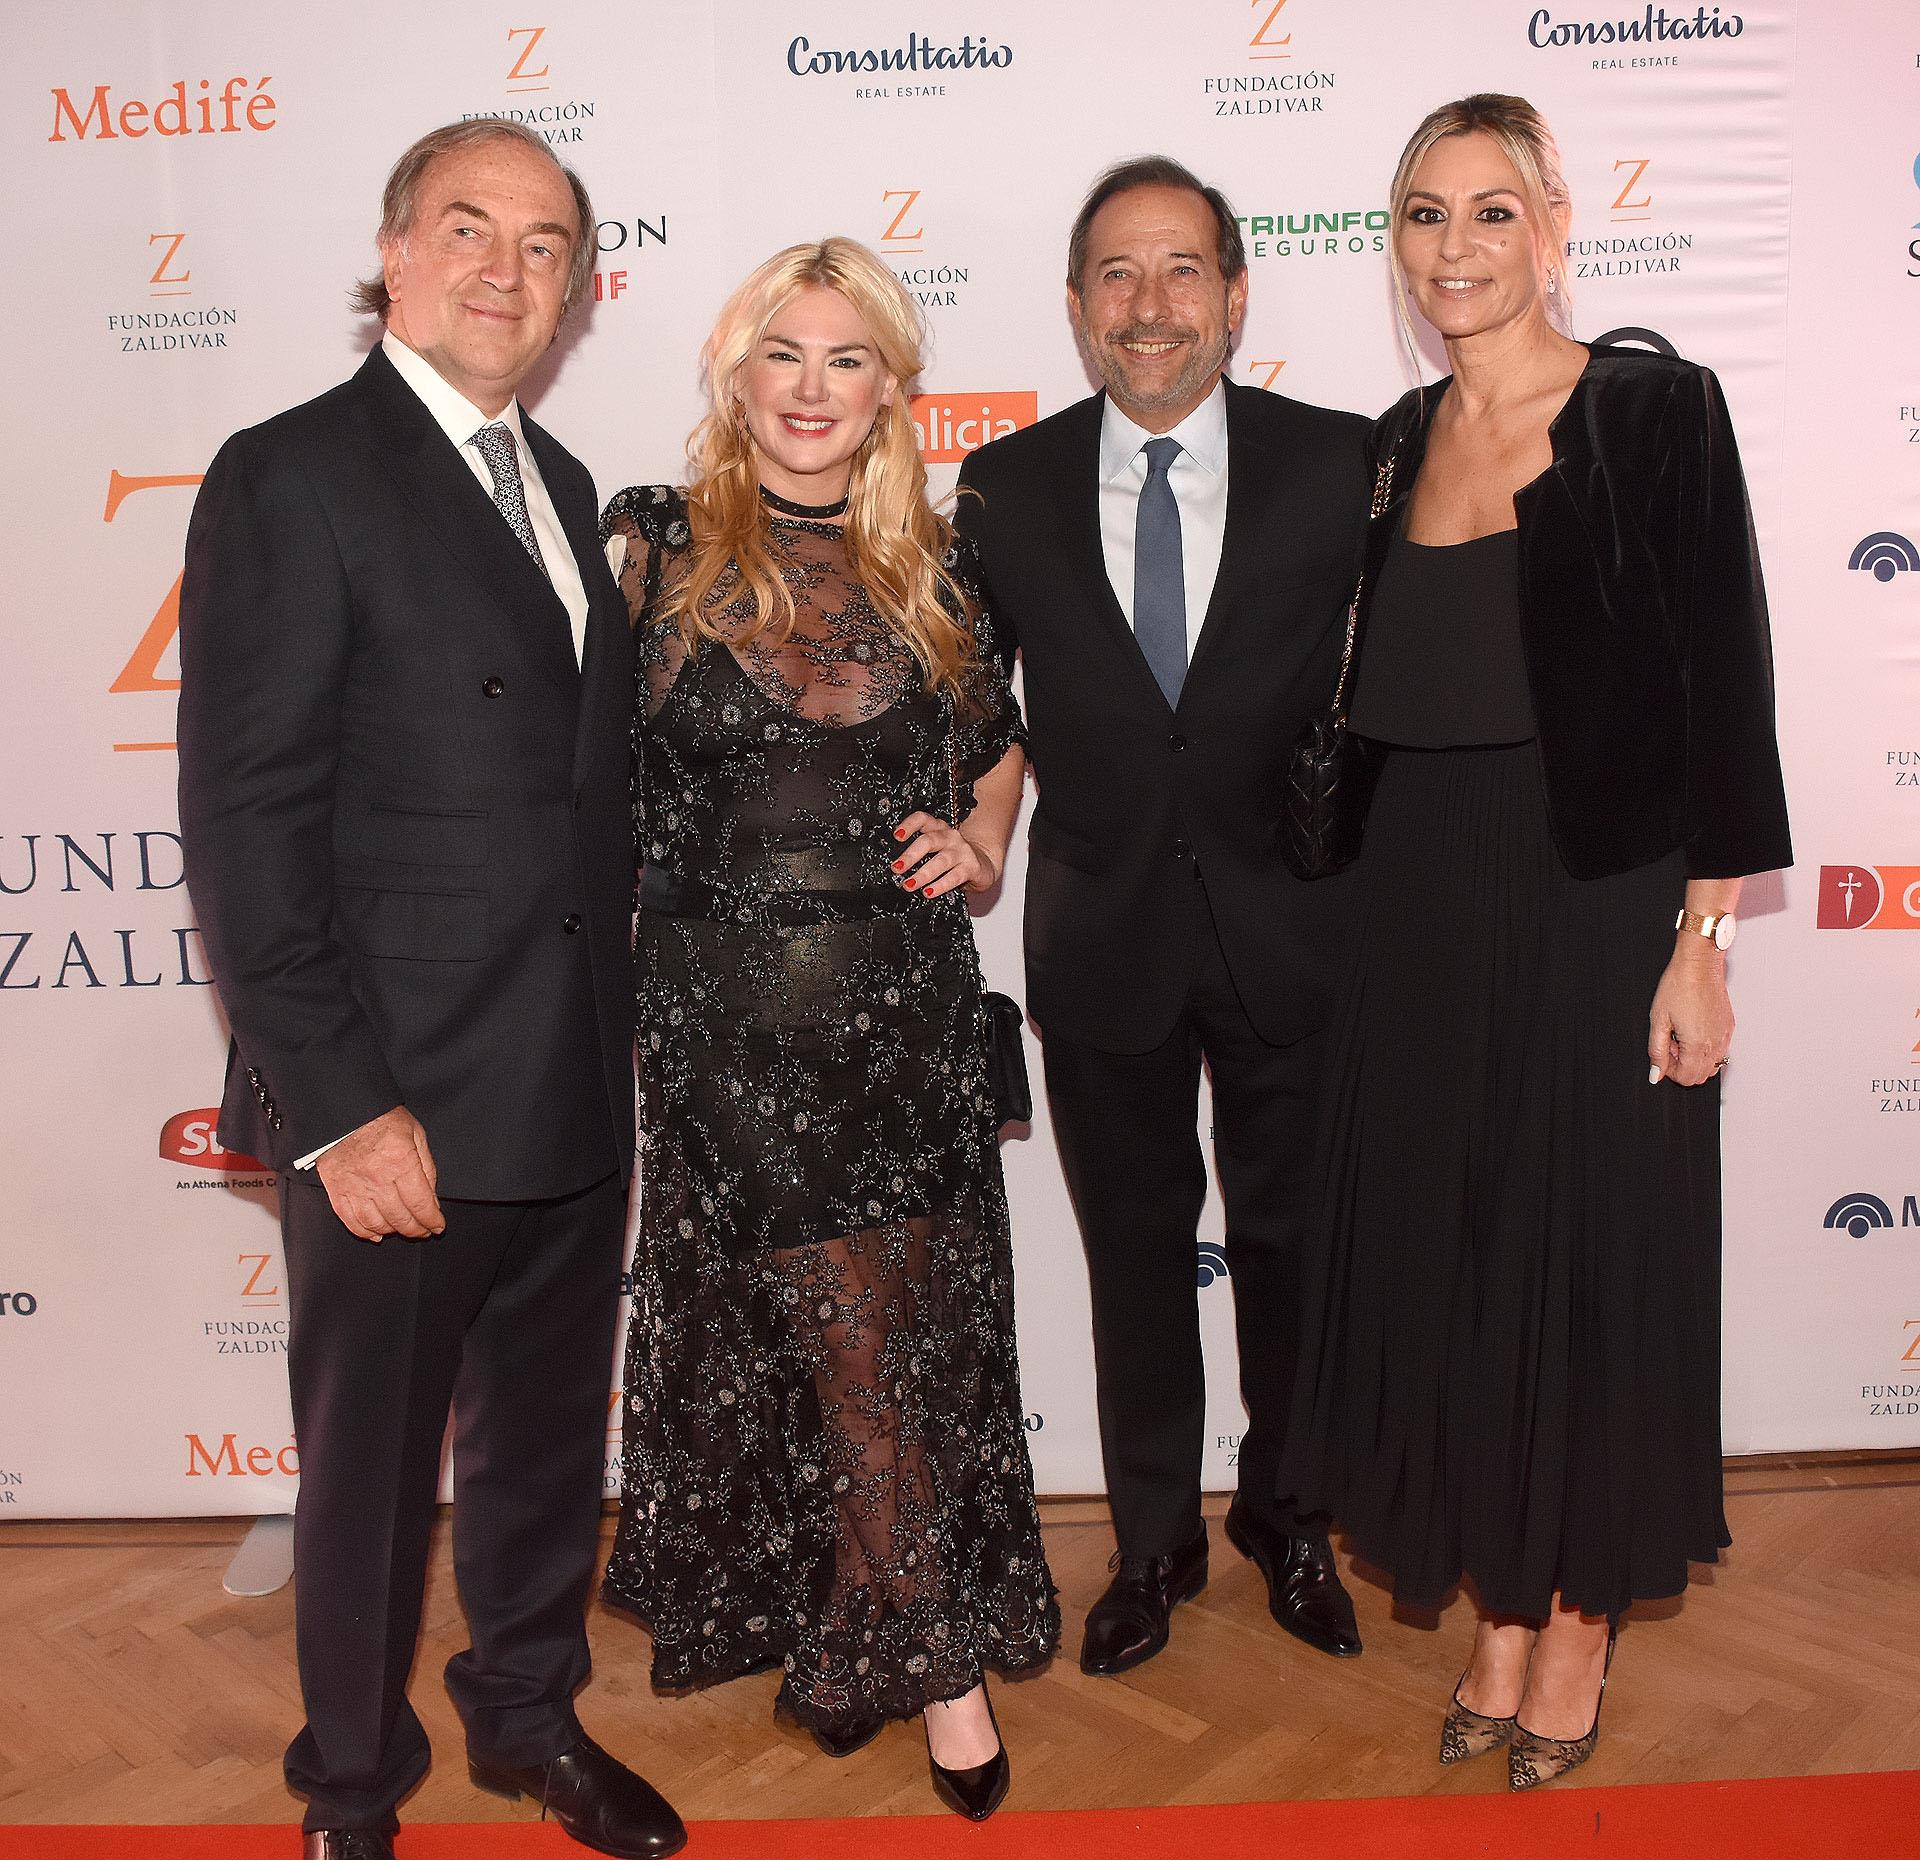 El doctor Zaldivar, Esmeralda Mitre, Guillermo Francella y su muje